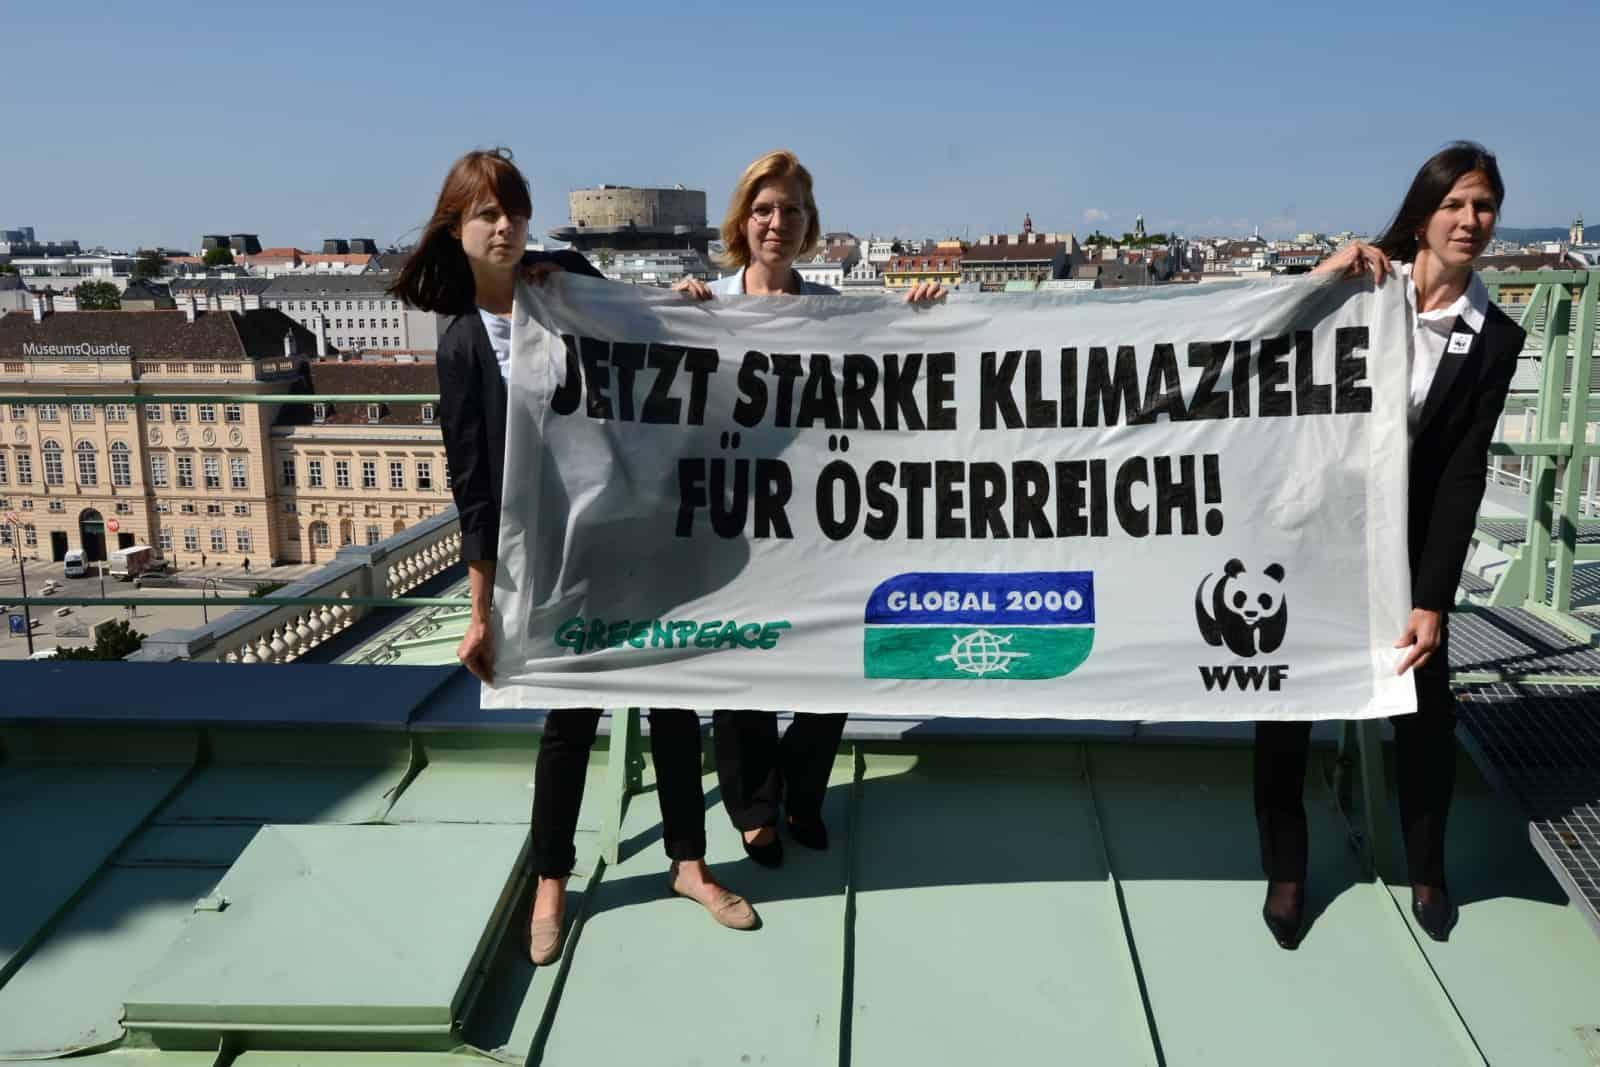 Fordern jetzt starke Klimaziele von Österreichs Politikern: v.l.n.r. Hanna Simons, Direktorin Umweltpolitik Greenpeace, Leonore Gewessler, Geschäftsführerin GLOBAL 2000 und Andrea Johanides, WWF Geschäftsführerin